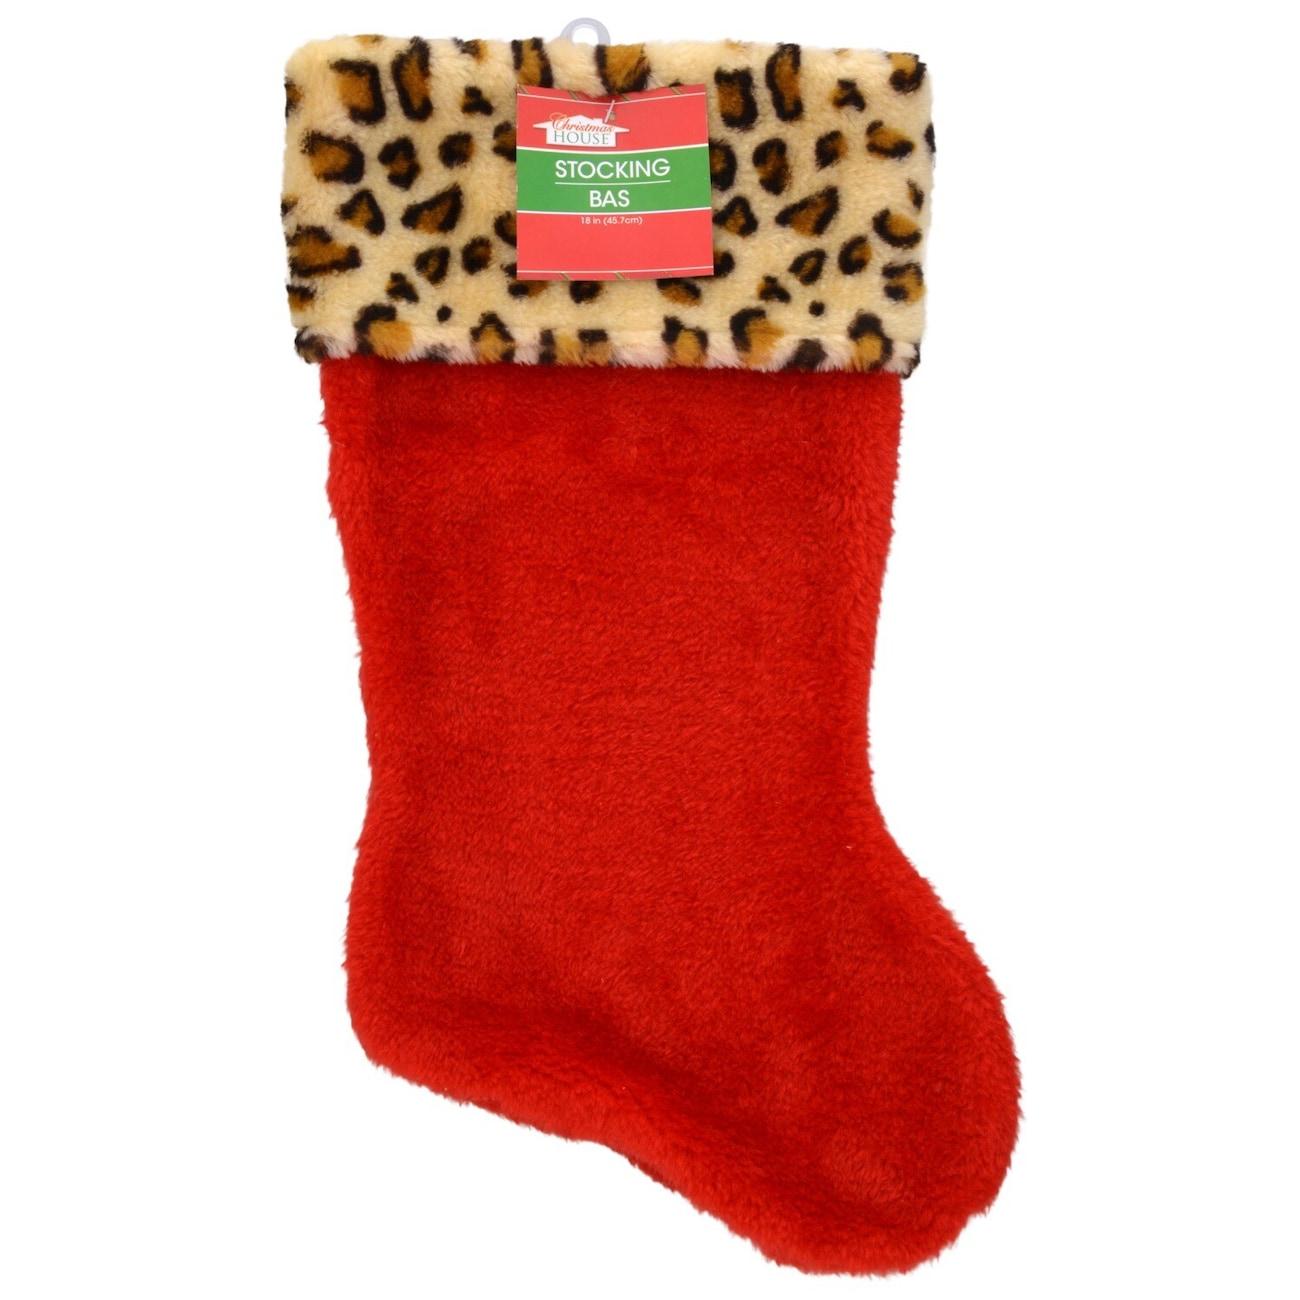 Christmas Stockings - Dollar Tree, Inc.